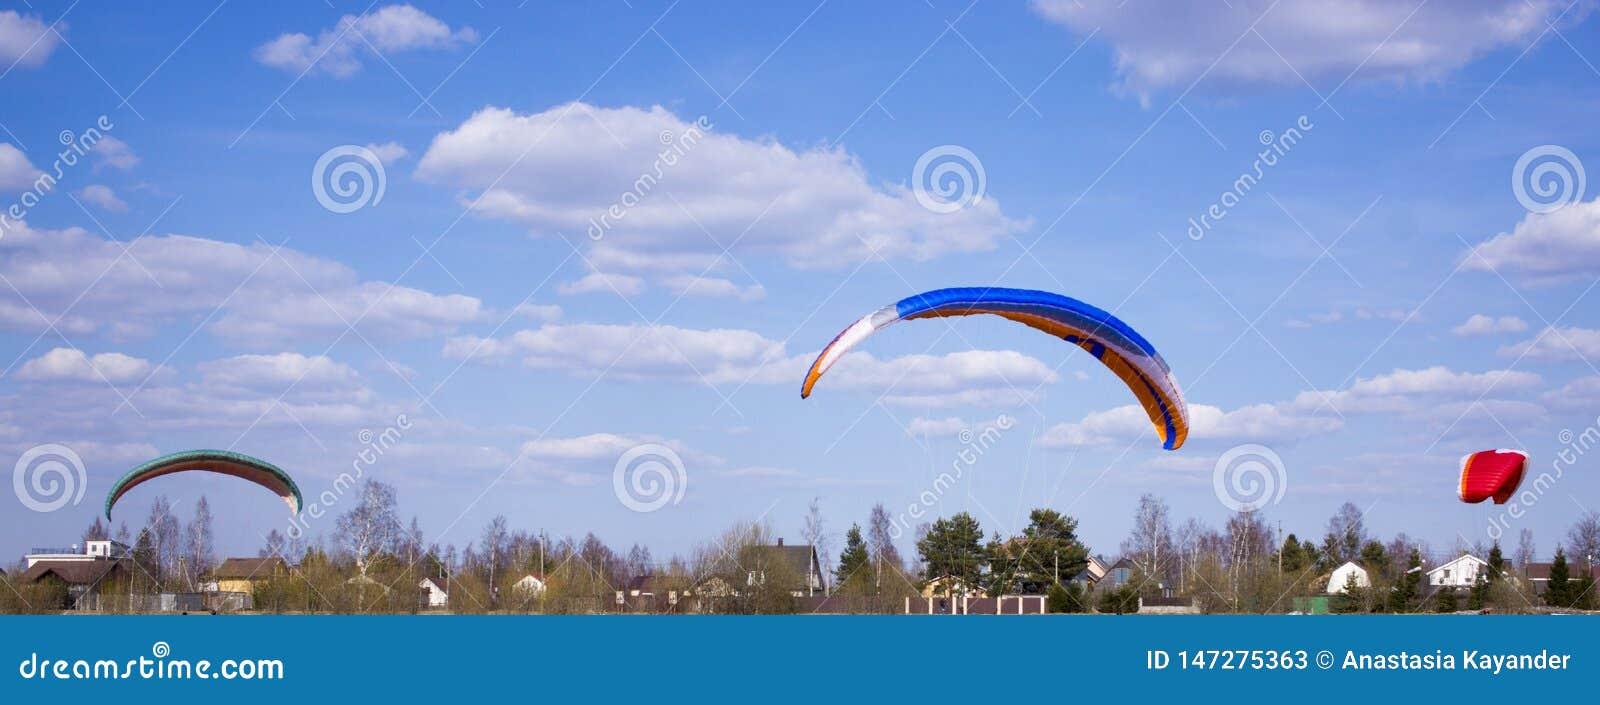 Параплан летает против фона полей, земли r paragliding